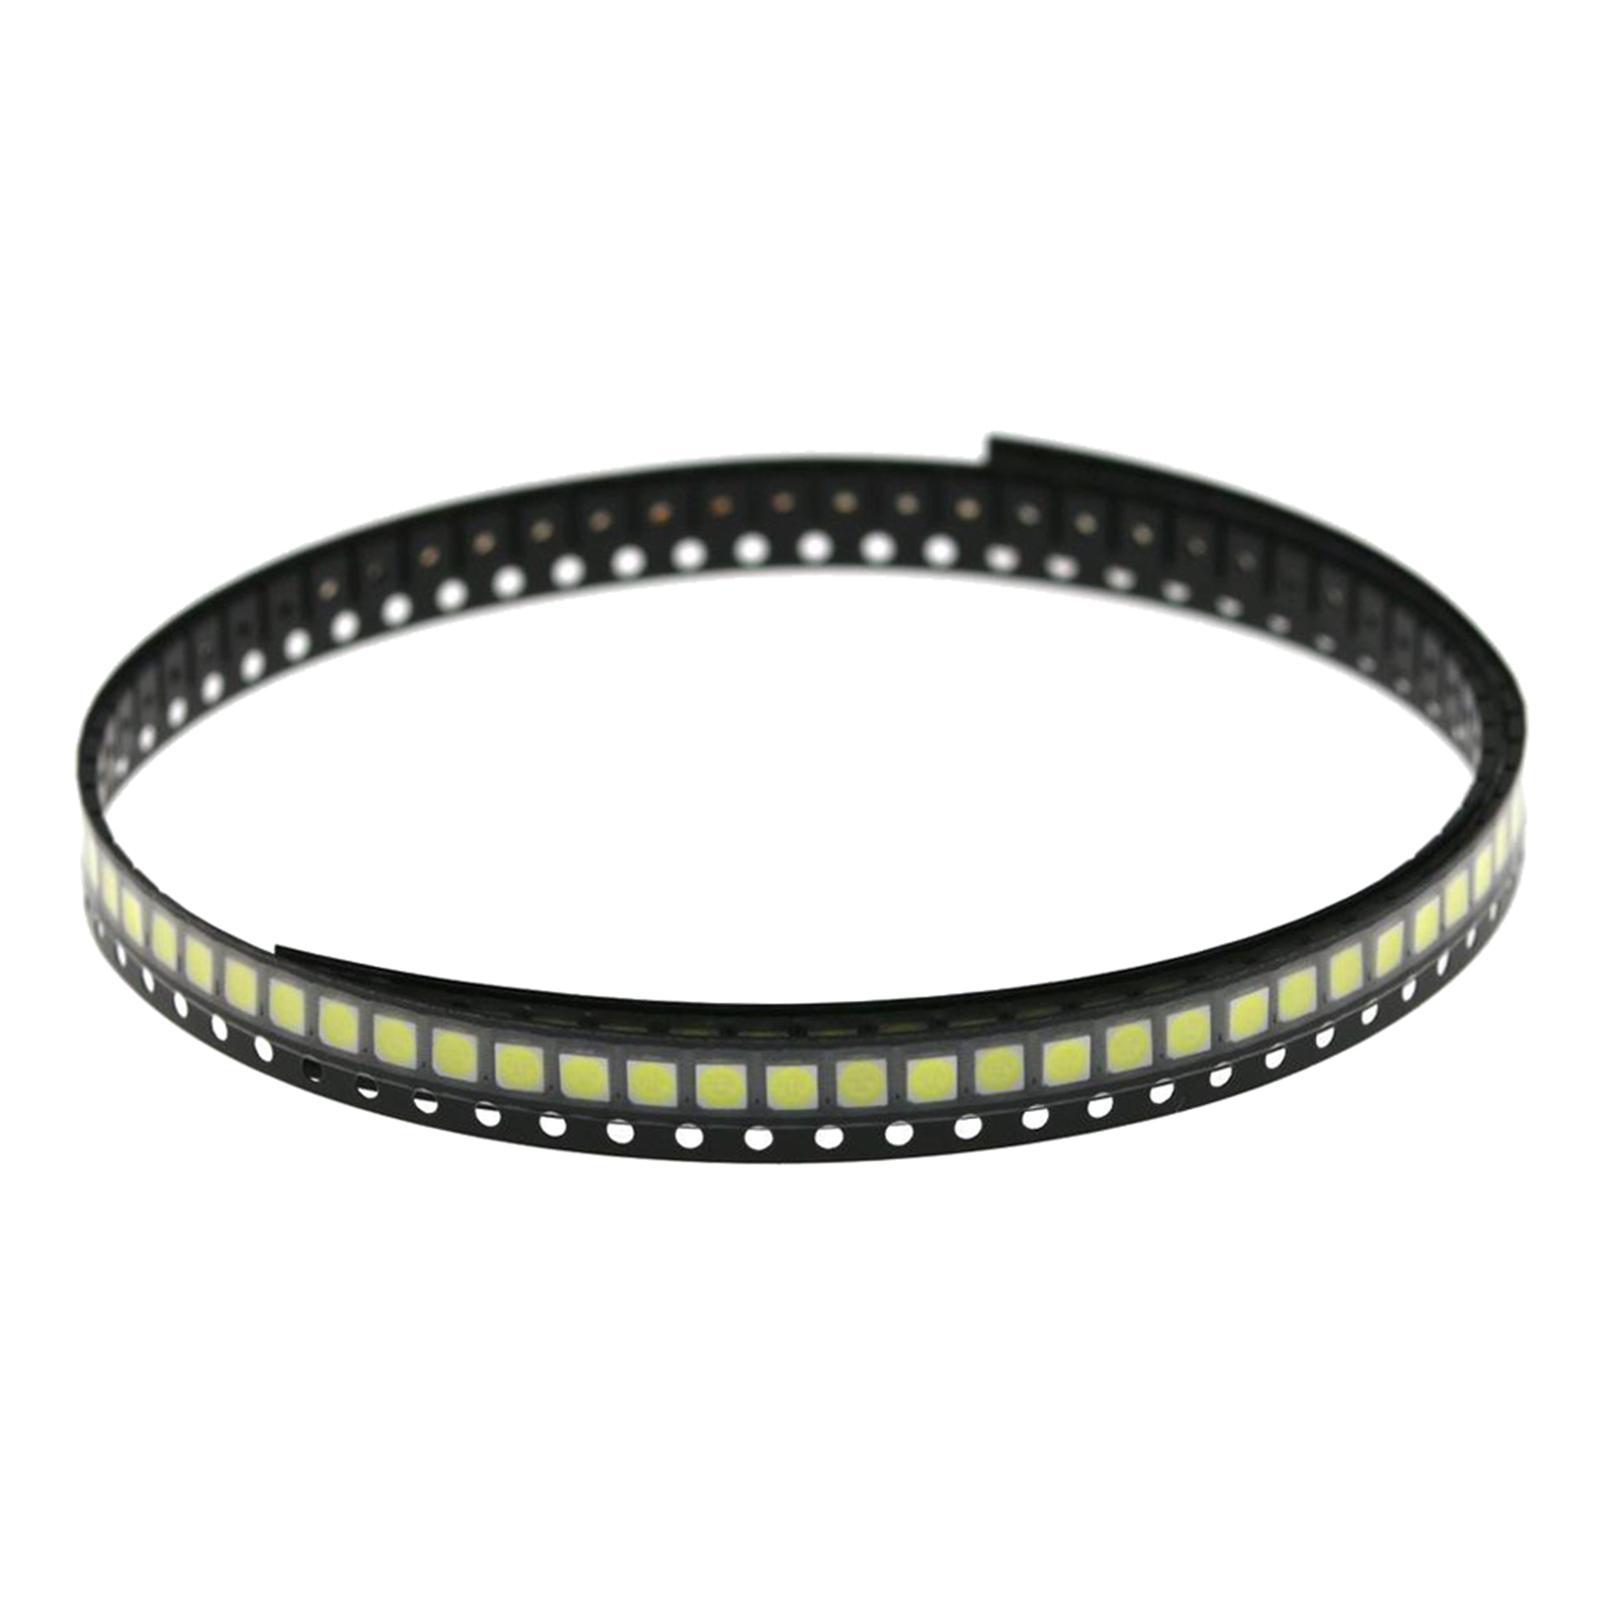 100pcs LED Backlight High Power LED 3030 3V 6V 9V Cool White TV Application 3030 SMD led diode